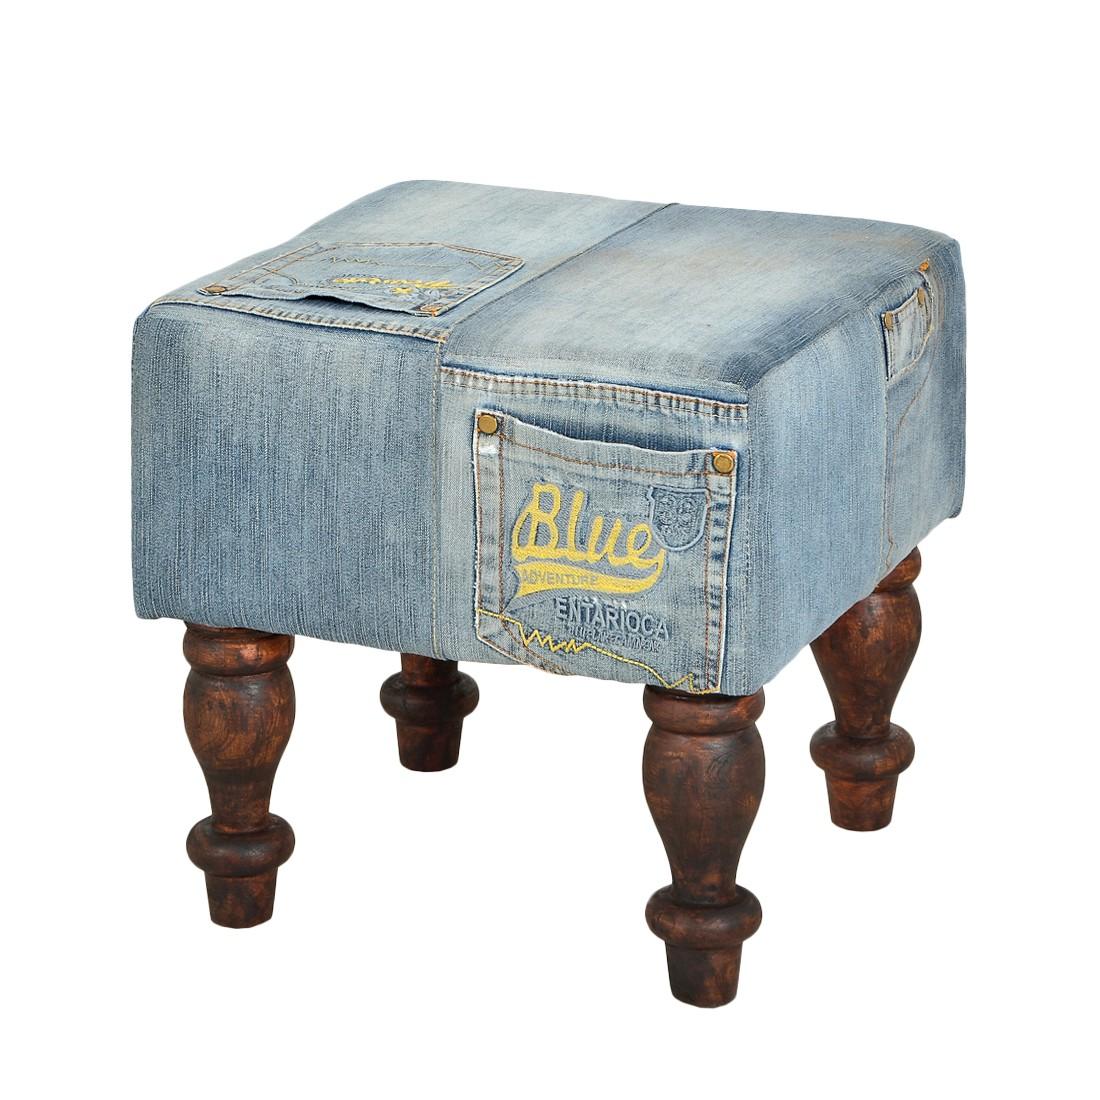 Sitzhocker Creditana – Blau/Braun – Jeansstoff/Massivholz, furnlab jetzt bestellen